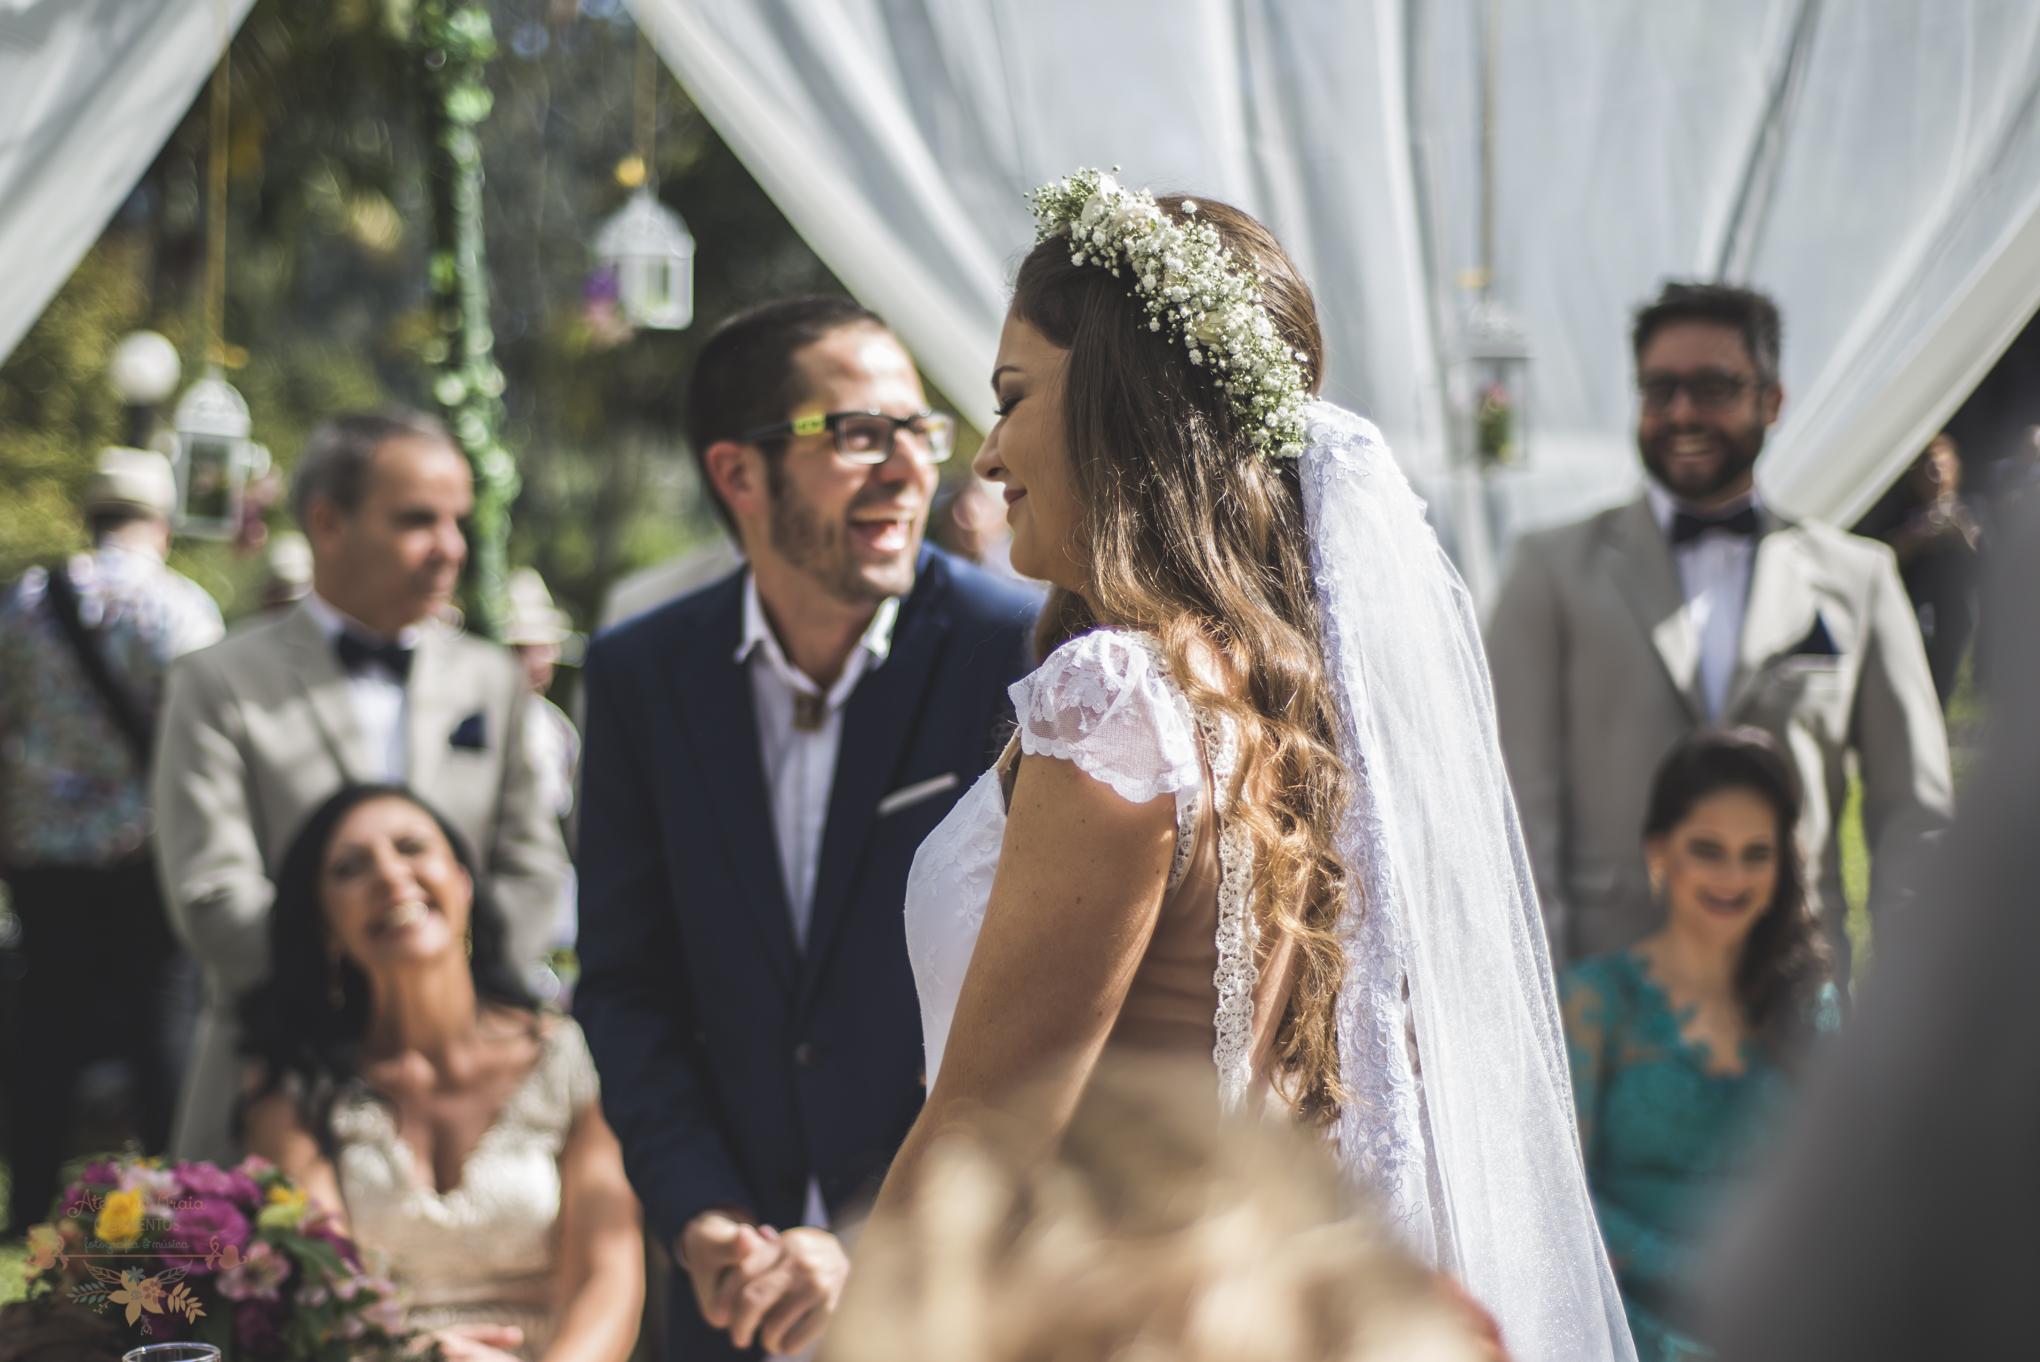 04-Cerimonia-Atelie-na-Praia-Nadine-Carlos-Casamento-9603